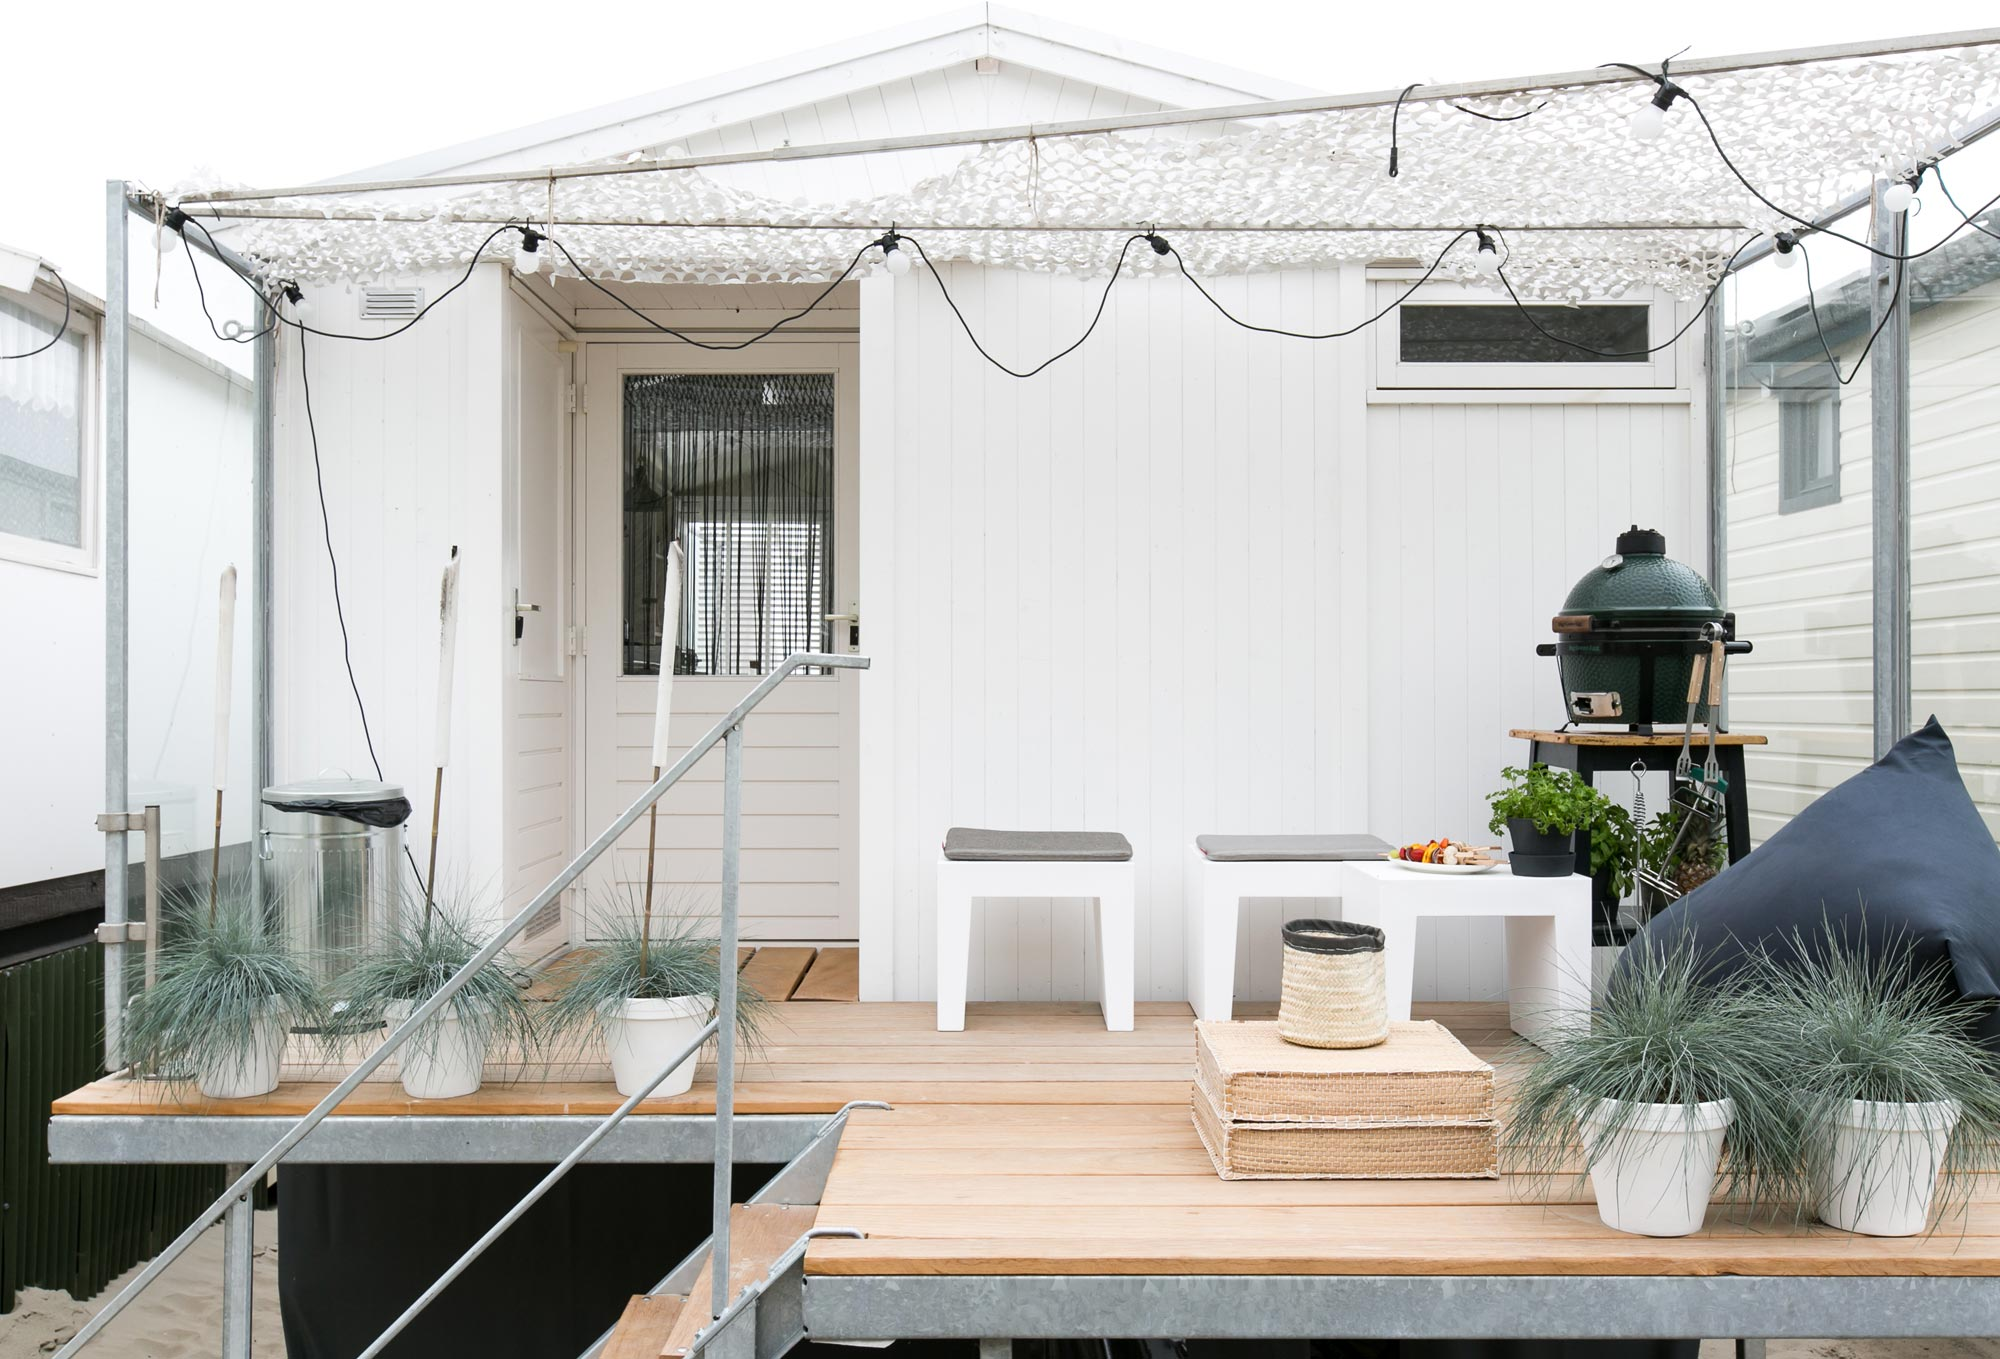 strandhuisje-veranda